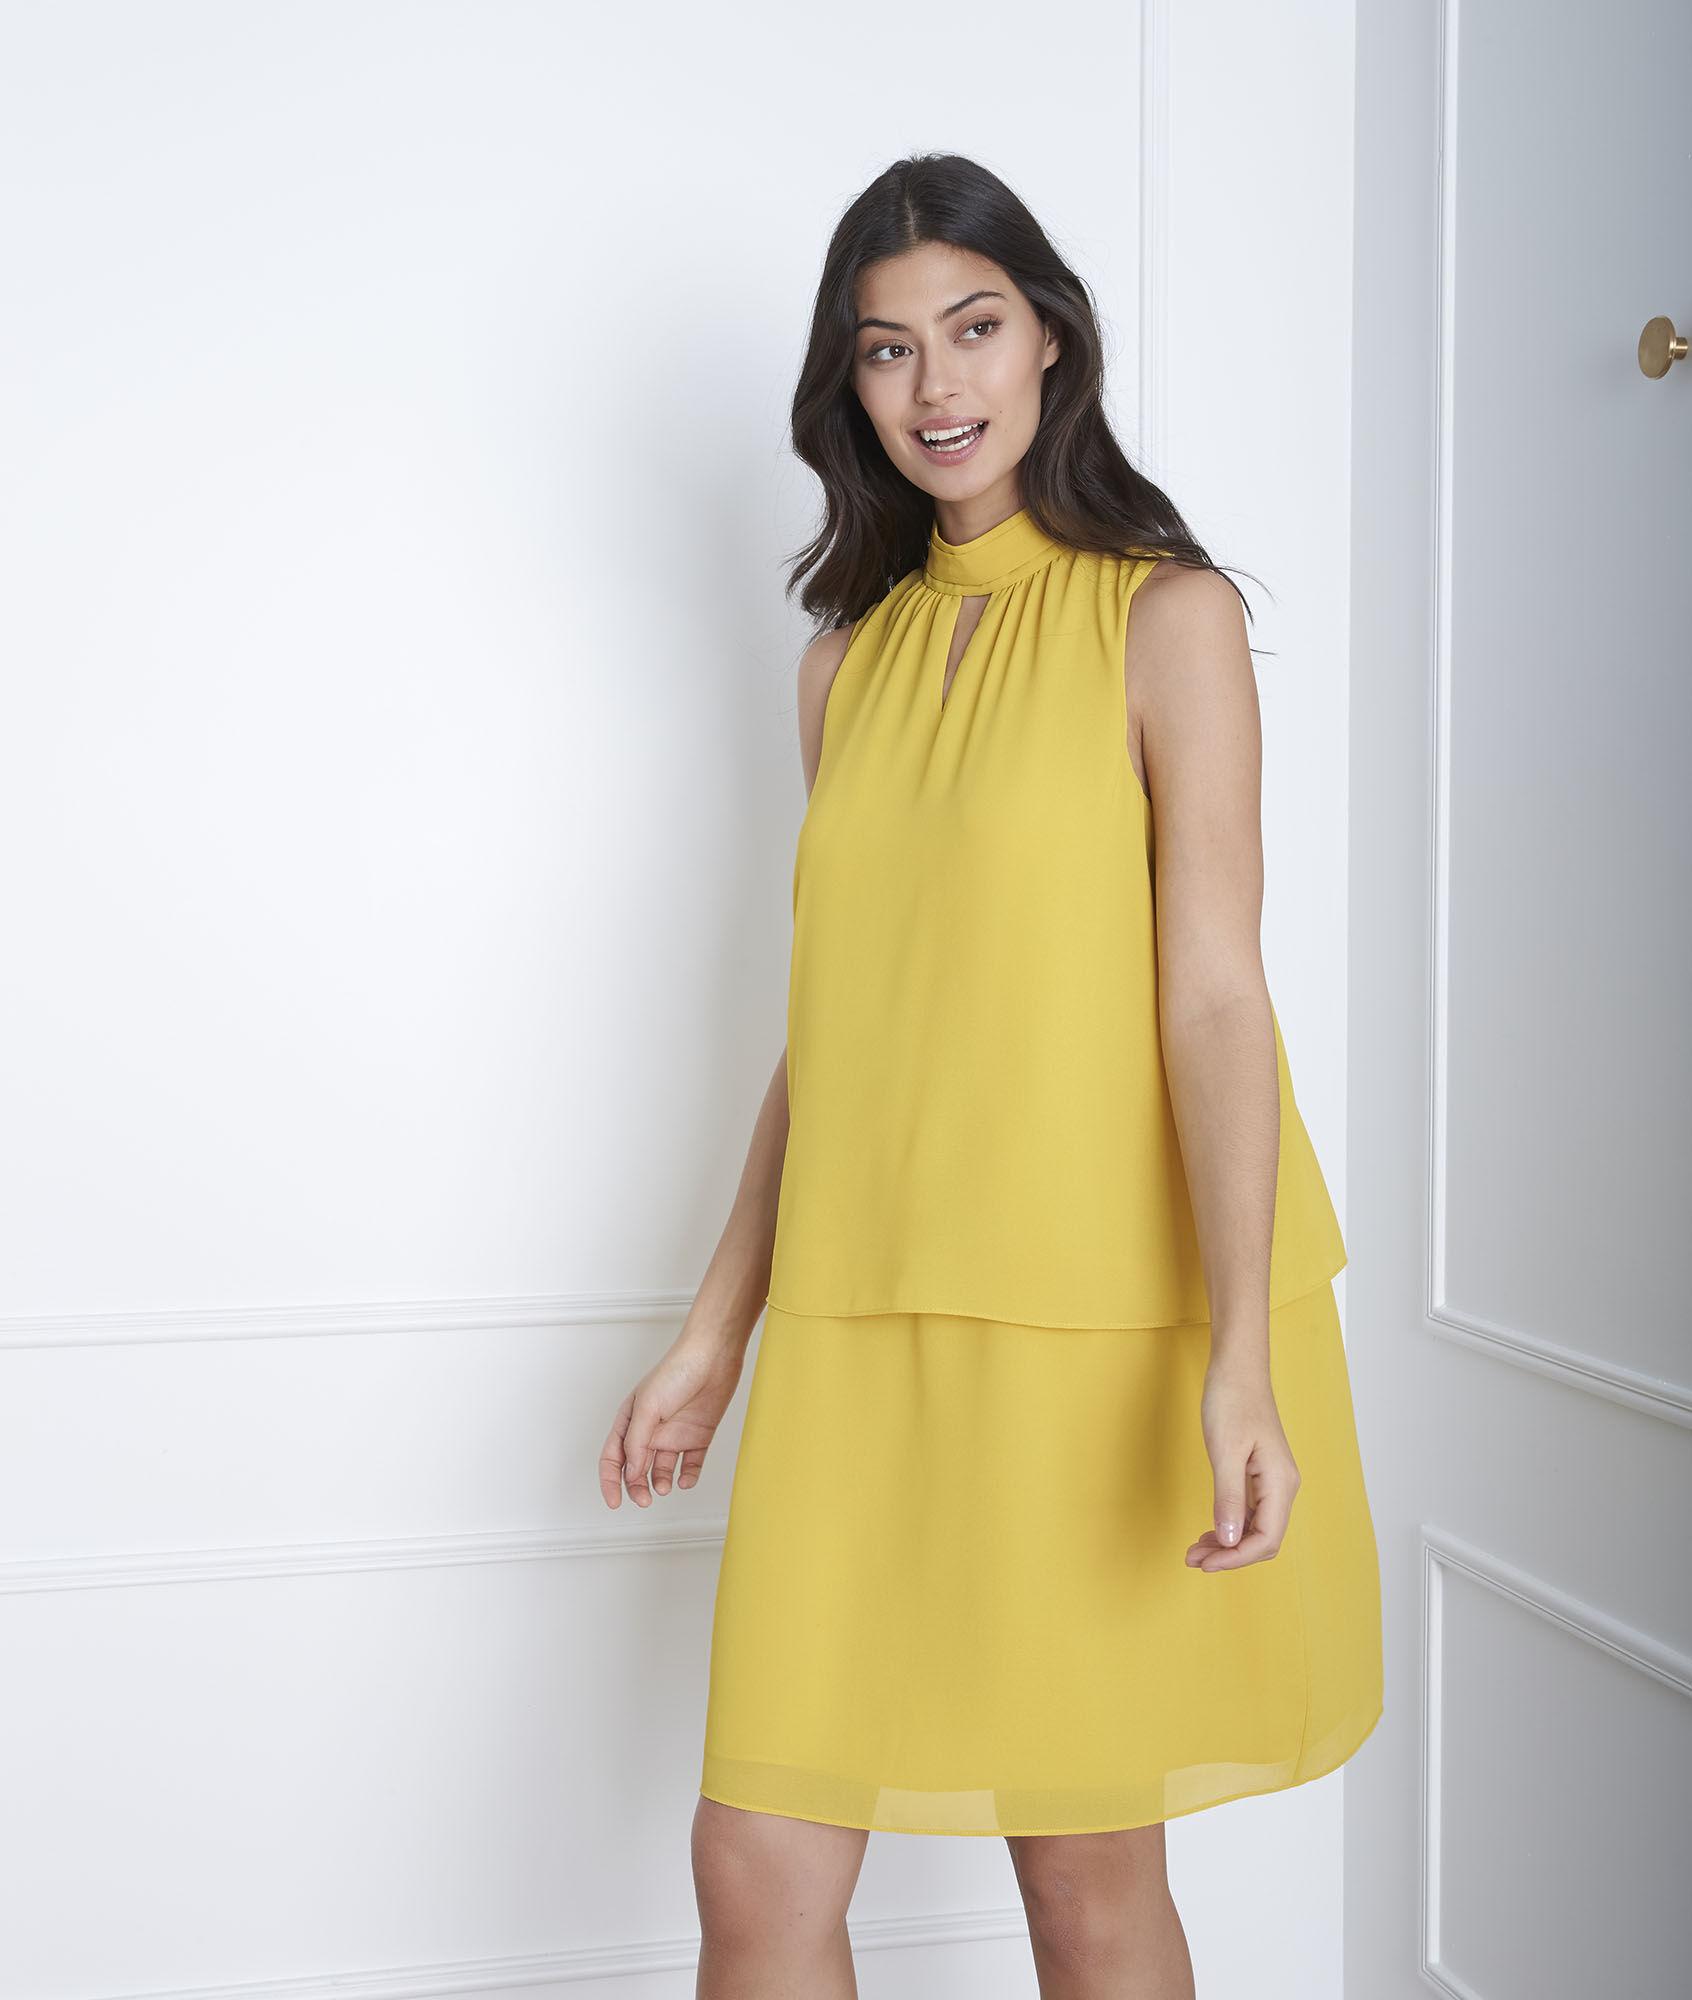 Hohem Gelbes Gelbes Mit Kleid Kleid Ausschnitt RL3A54j